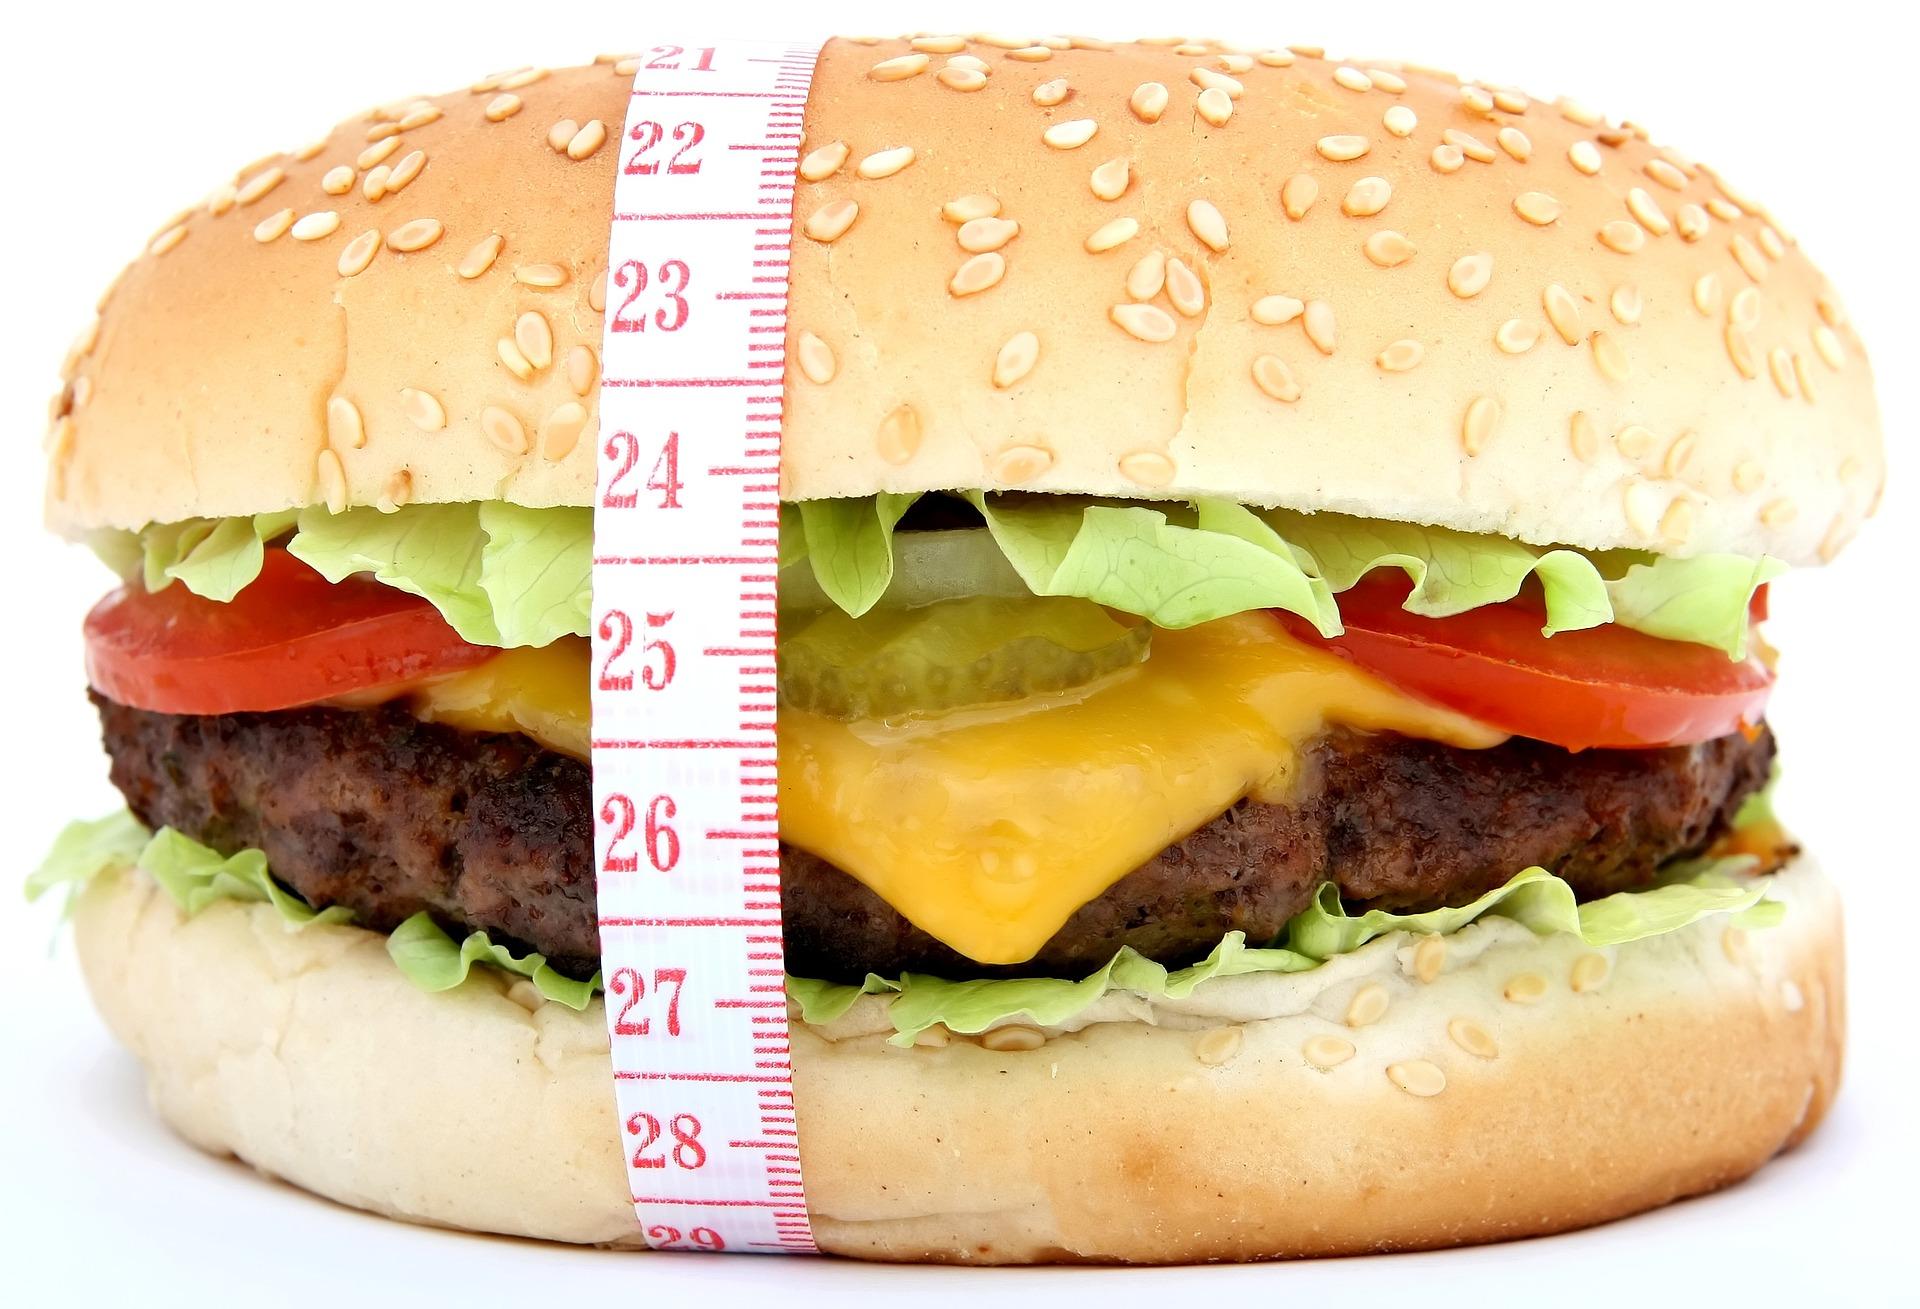 Obésité : Prendre conscience des risques